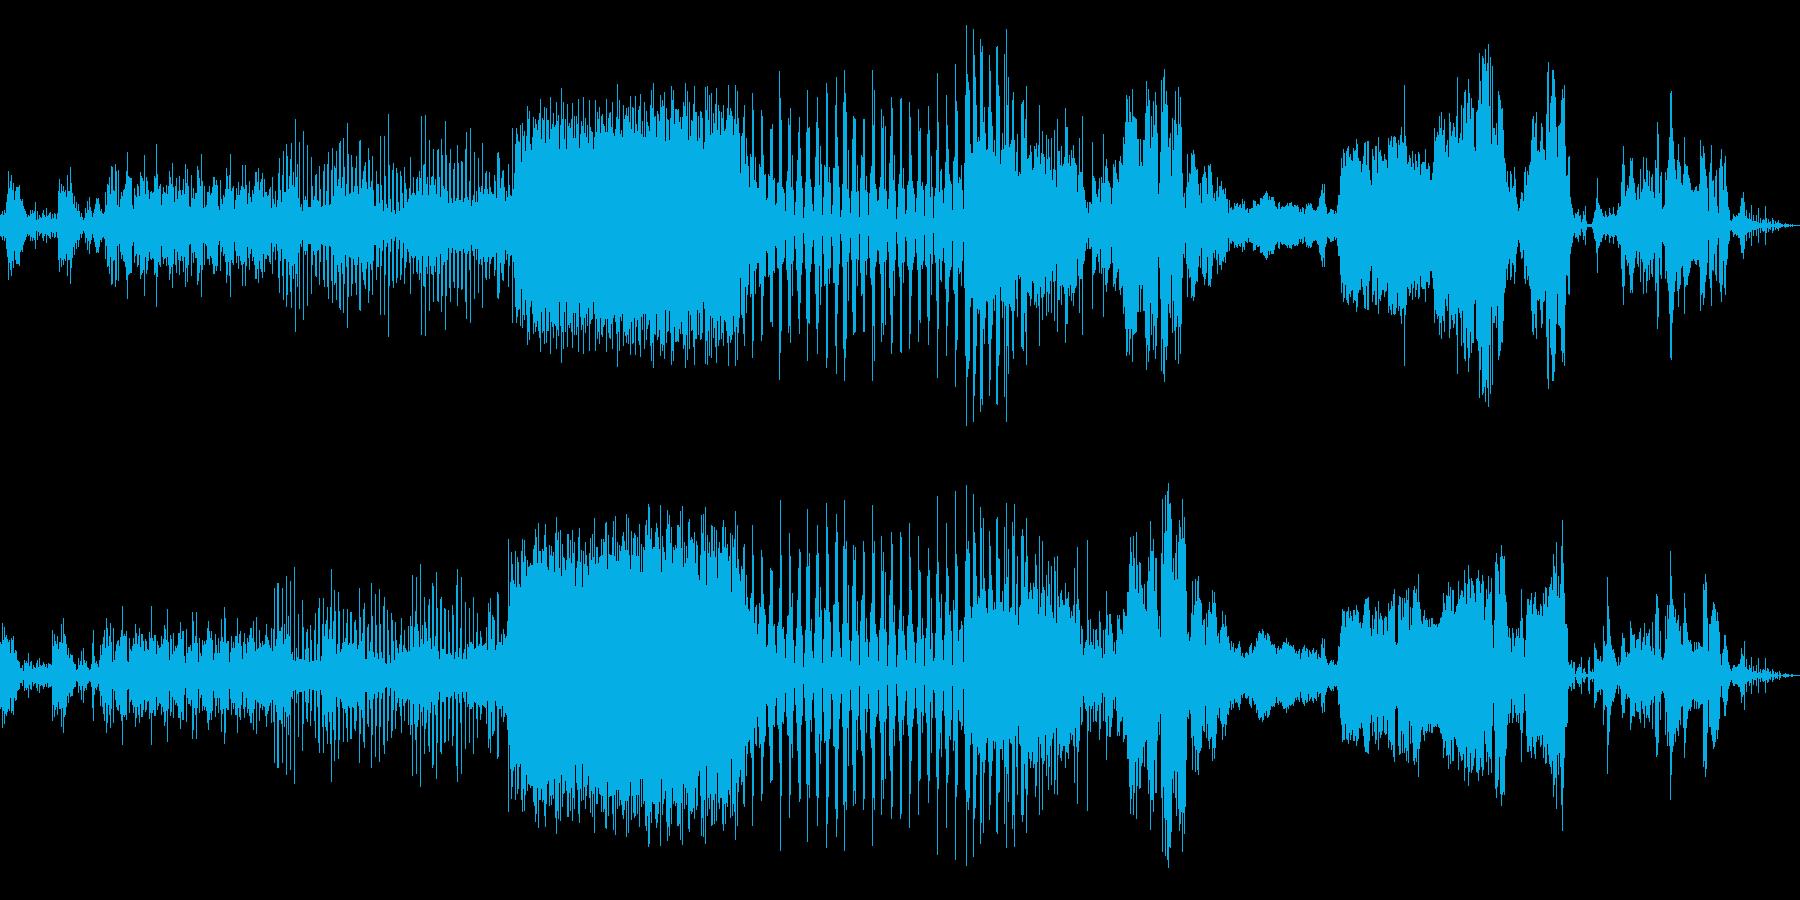 メカパルスミュージカルパルサーの再生済みの波形